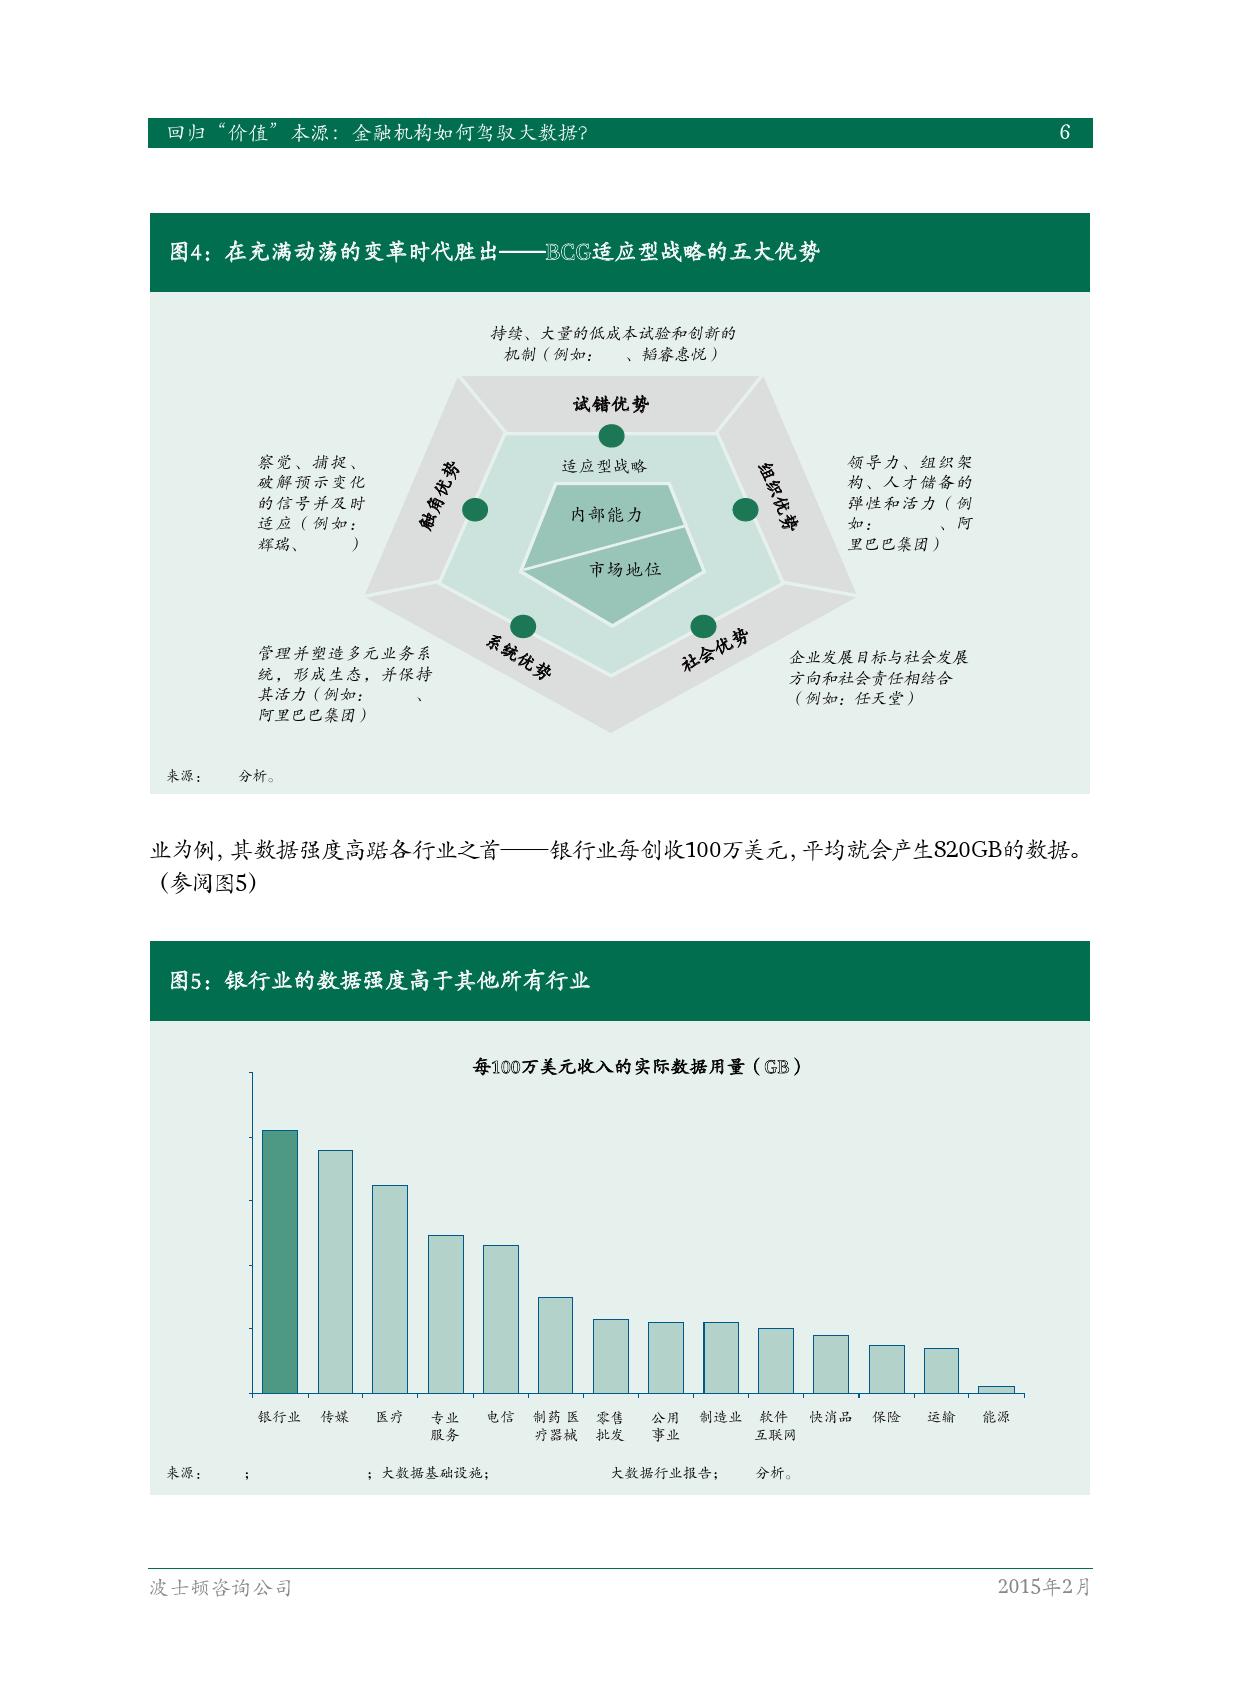 金融机构如何驾驭大数据_000008